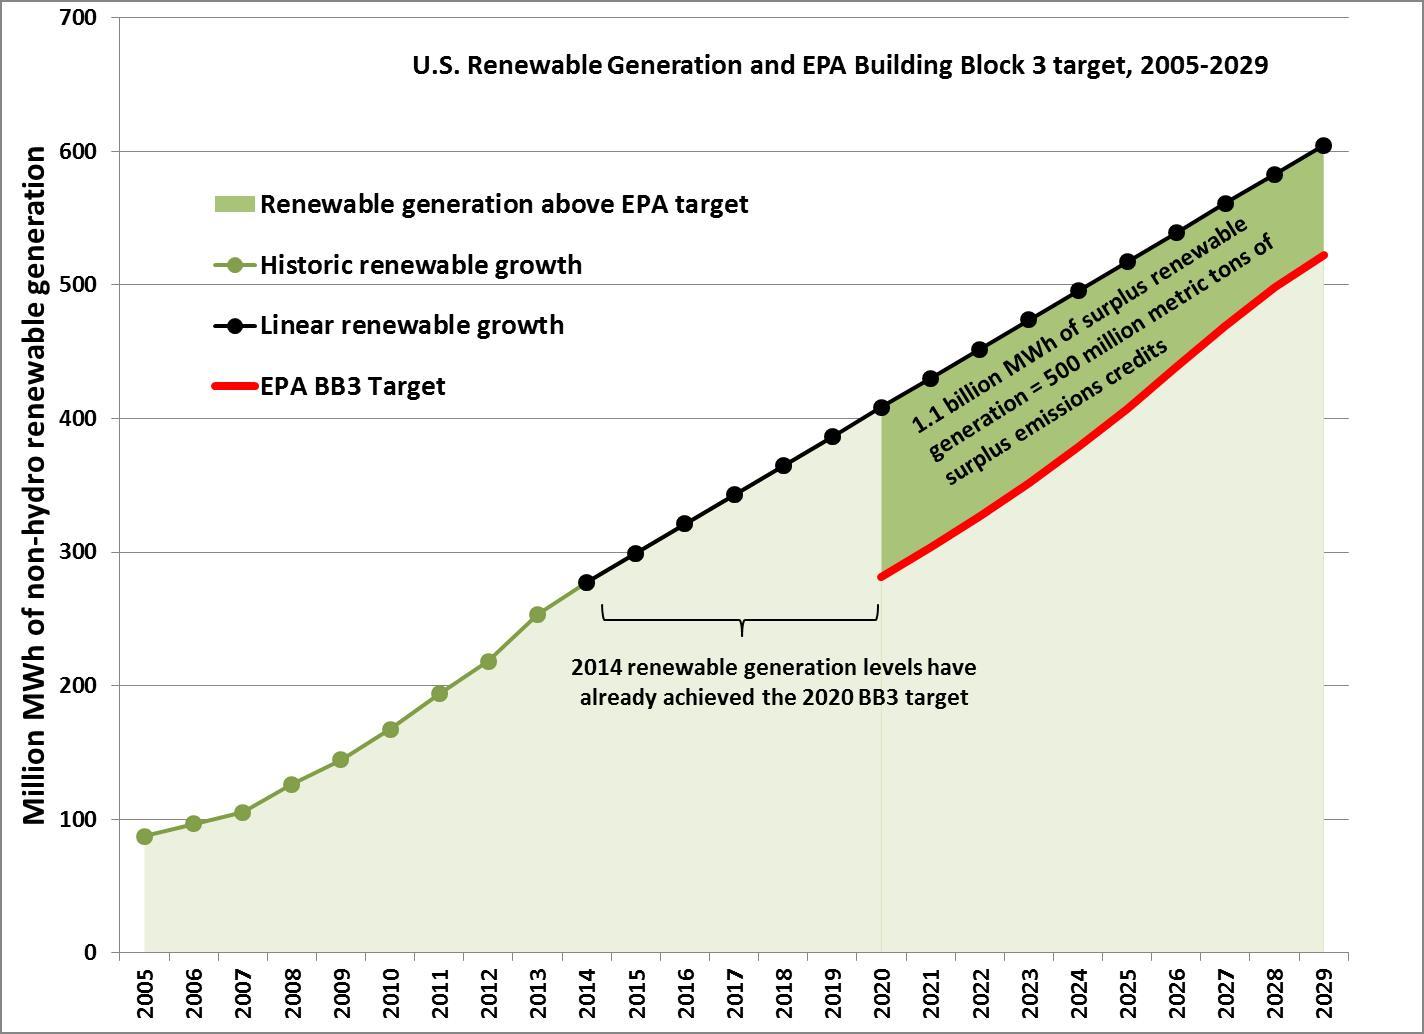 renewableschart